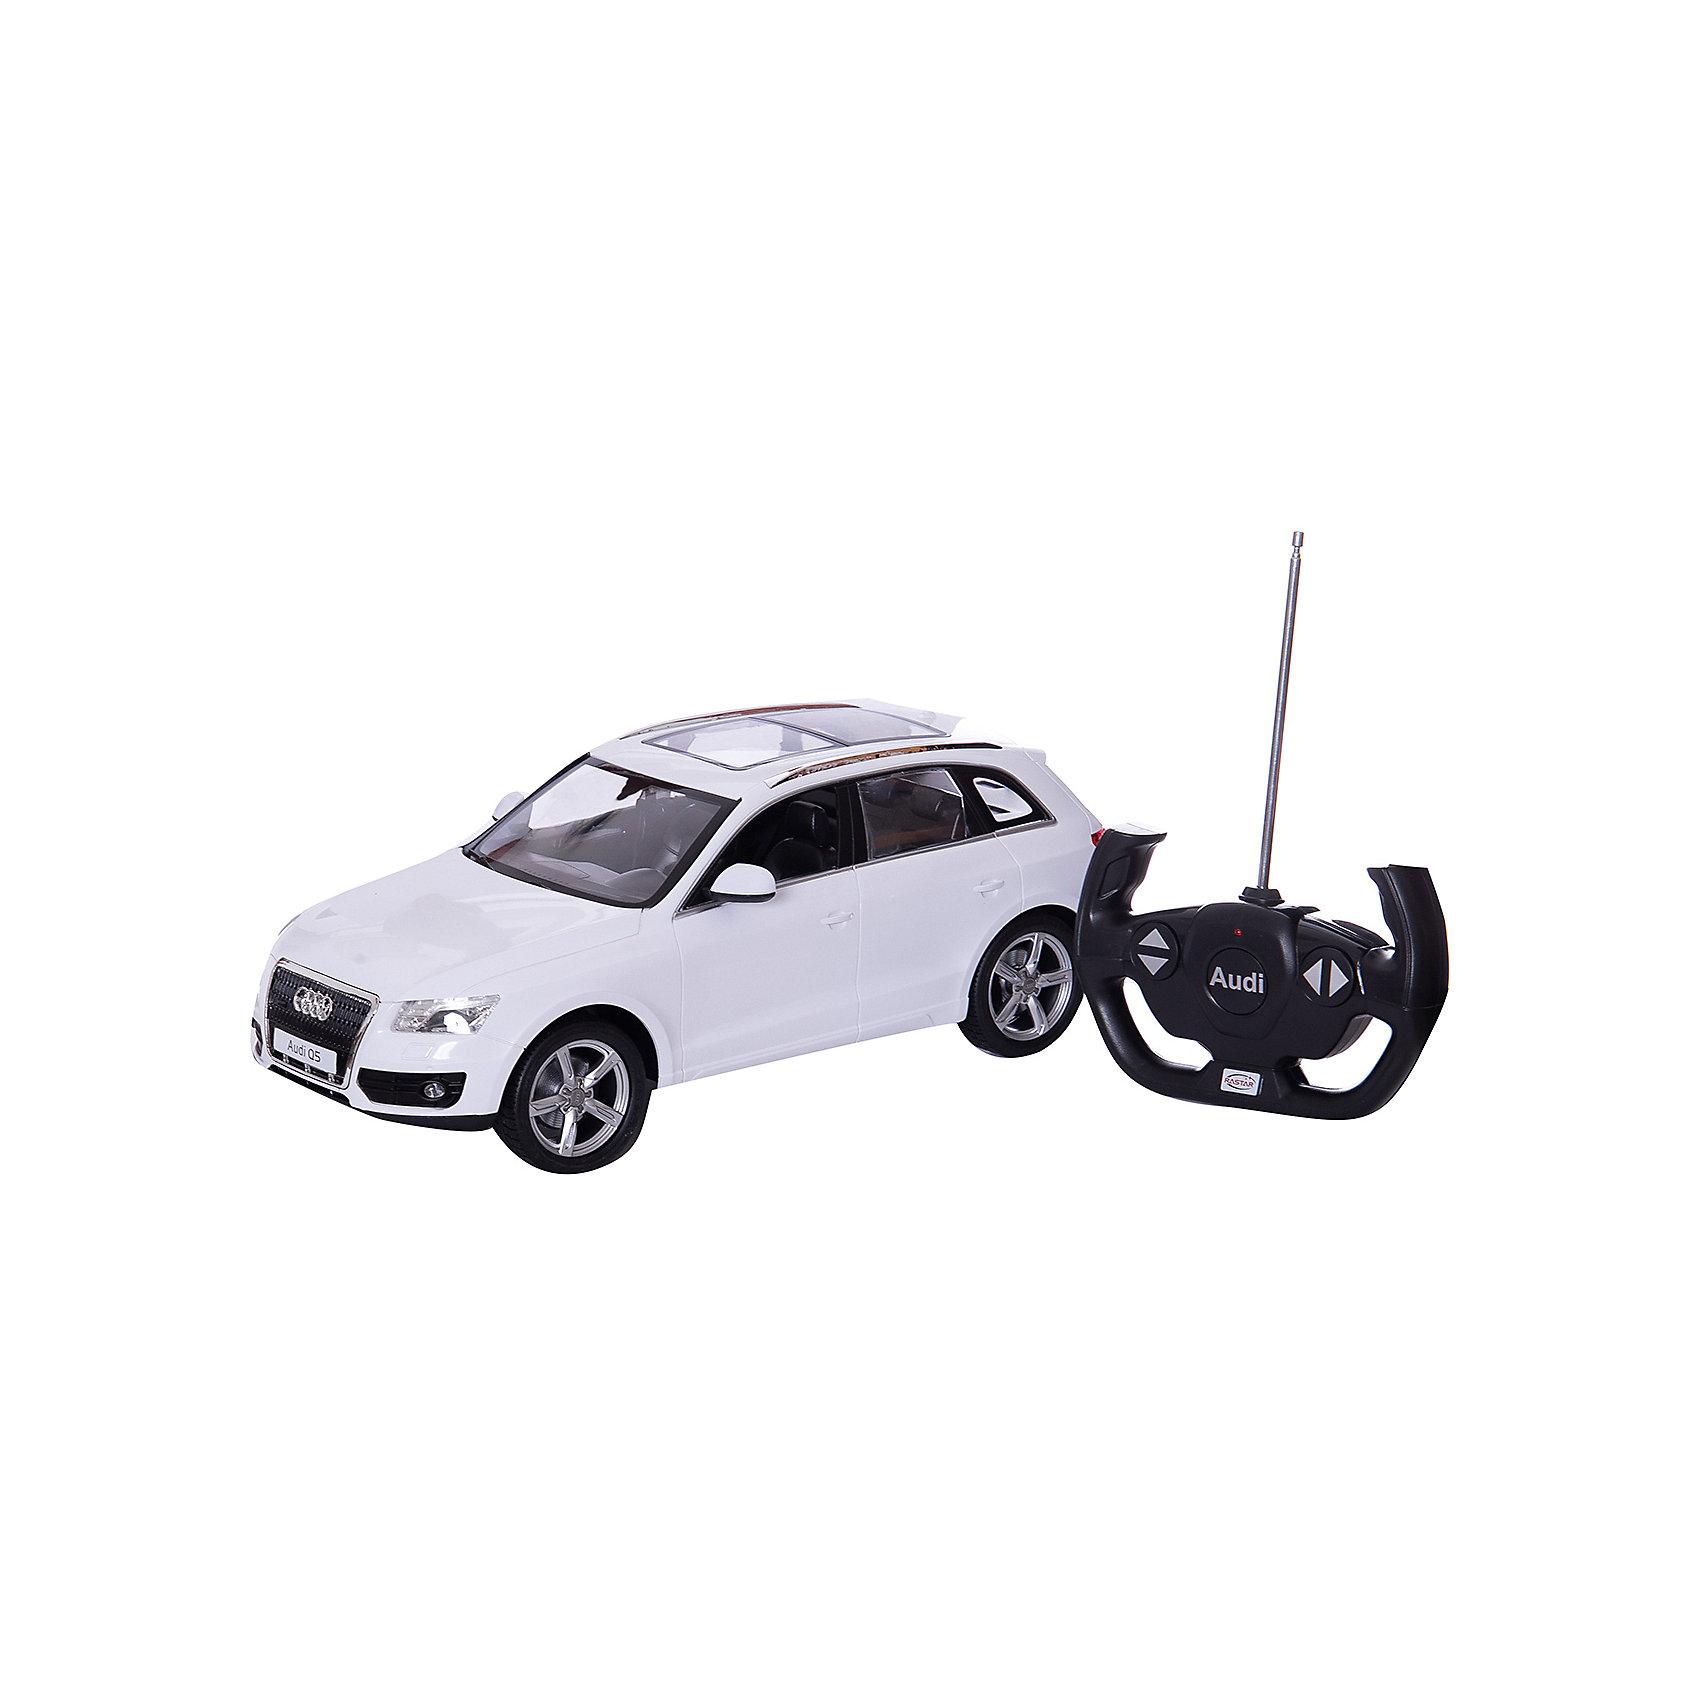 Машина AUDI Q5 1:14, свет, на р/у, RASTARКоллекционные модели<br>Радиоуправляемая машина AUDI Q5 — это точная копия автомобиля известной марки, выполненной в масштабе 1:14, производителя RASTAR.<br>С помощью пульта управления машинка двигается вперед-назад, вправо-влево. При движении вперед, у машинки загораются фары. При движении назад - загораются стоп-сигналы.<br><br>С радиоуправляемым автомобилем  AUDI Q5 игра станет настолько увлекательной, что оторваться будет невозможно!<br><br>Дополнительная информация:<br><br>- Пульт радиоуправления на частоте 27MHz.<br>- Материал: высококачественная пластмасса<br>- Размеры(ДхШхВ): 22 x 45 x 20 см<br>- Батарейки: 5 х АА, 1 х «Крона», в комплект не входят<br>- Вес: 1,55 кг<br><br>Машину AUDI Q5 1:14, свет, на р/у, RASTAR можно купить в нашем интернет-магазине.<br><br>Ширина мм: 220<br>Глубина мм: 450<br>Высота мм: 200<br>Вес г: 1550<br>Возраст от месяцев: 36<br>Возраст до месяцев: 1188<br>Пол: Мужской<br>Возраст: Детский<br>SKU: 3482936